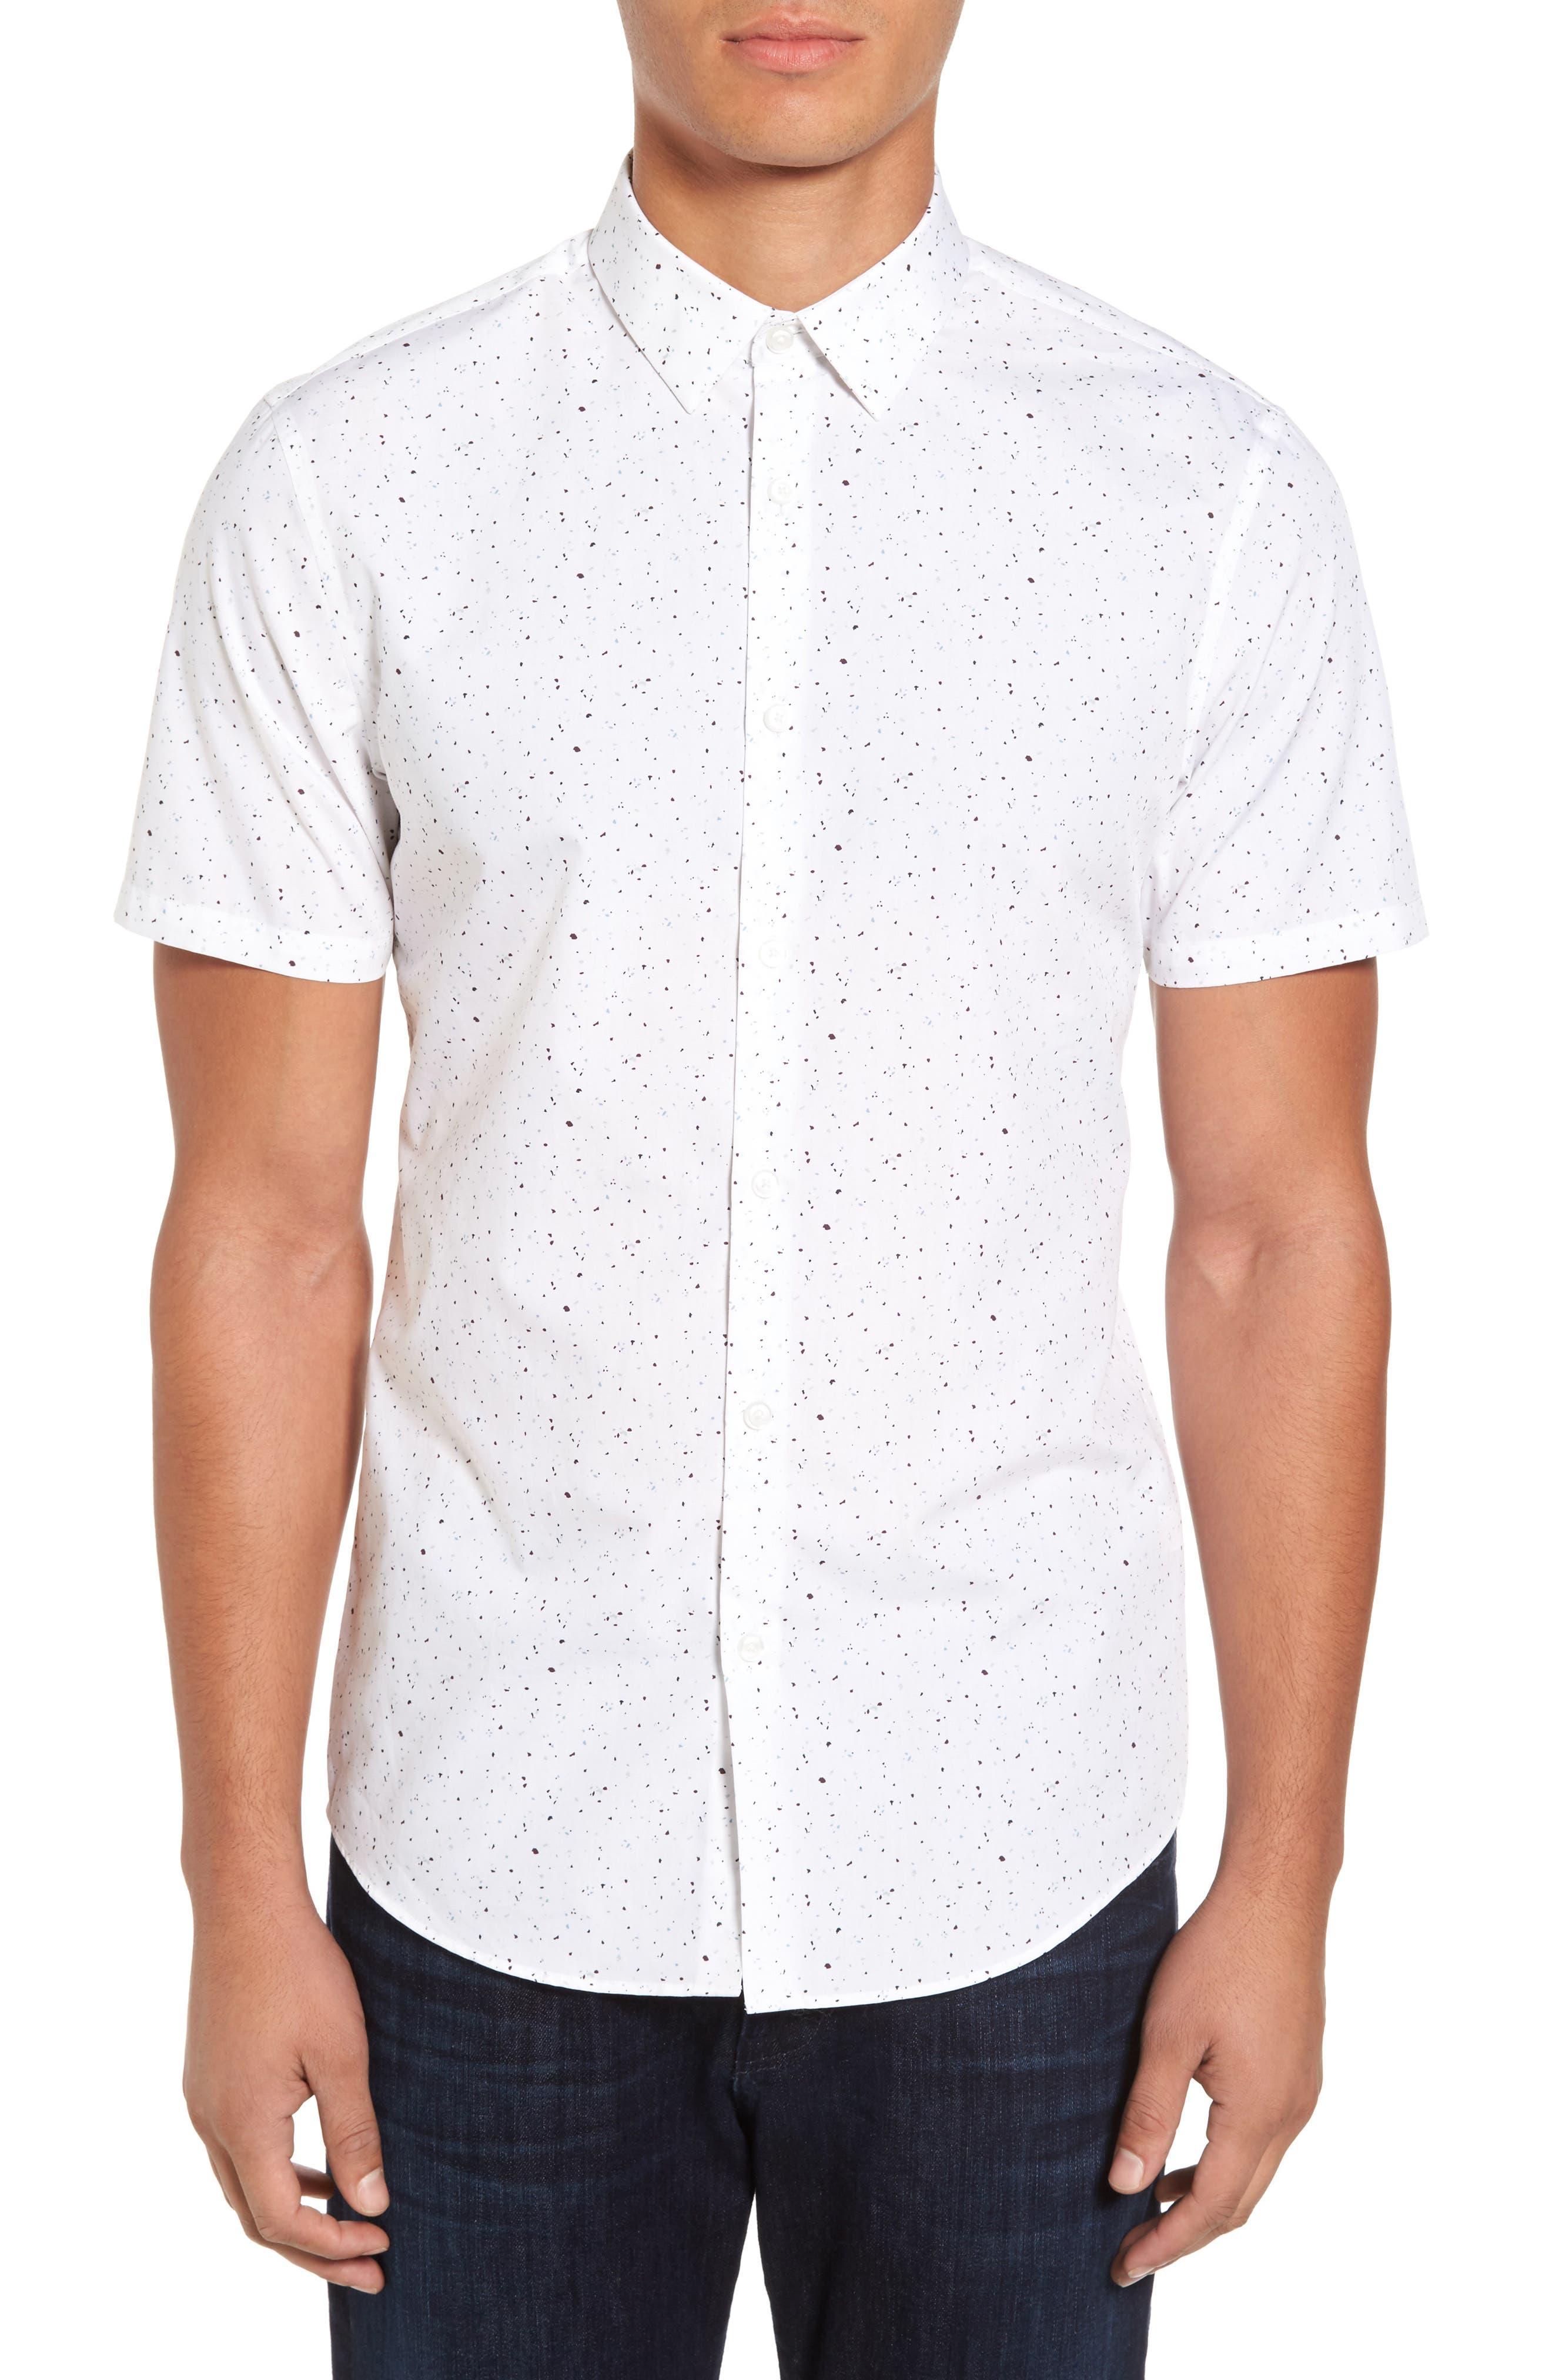 Speckle Print Sport Shirt,                         Main,                         color, 100